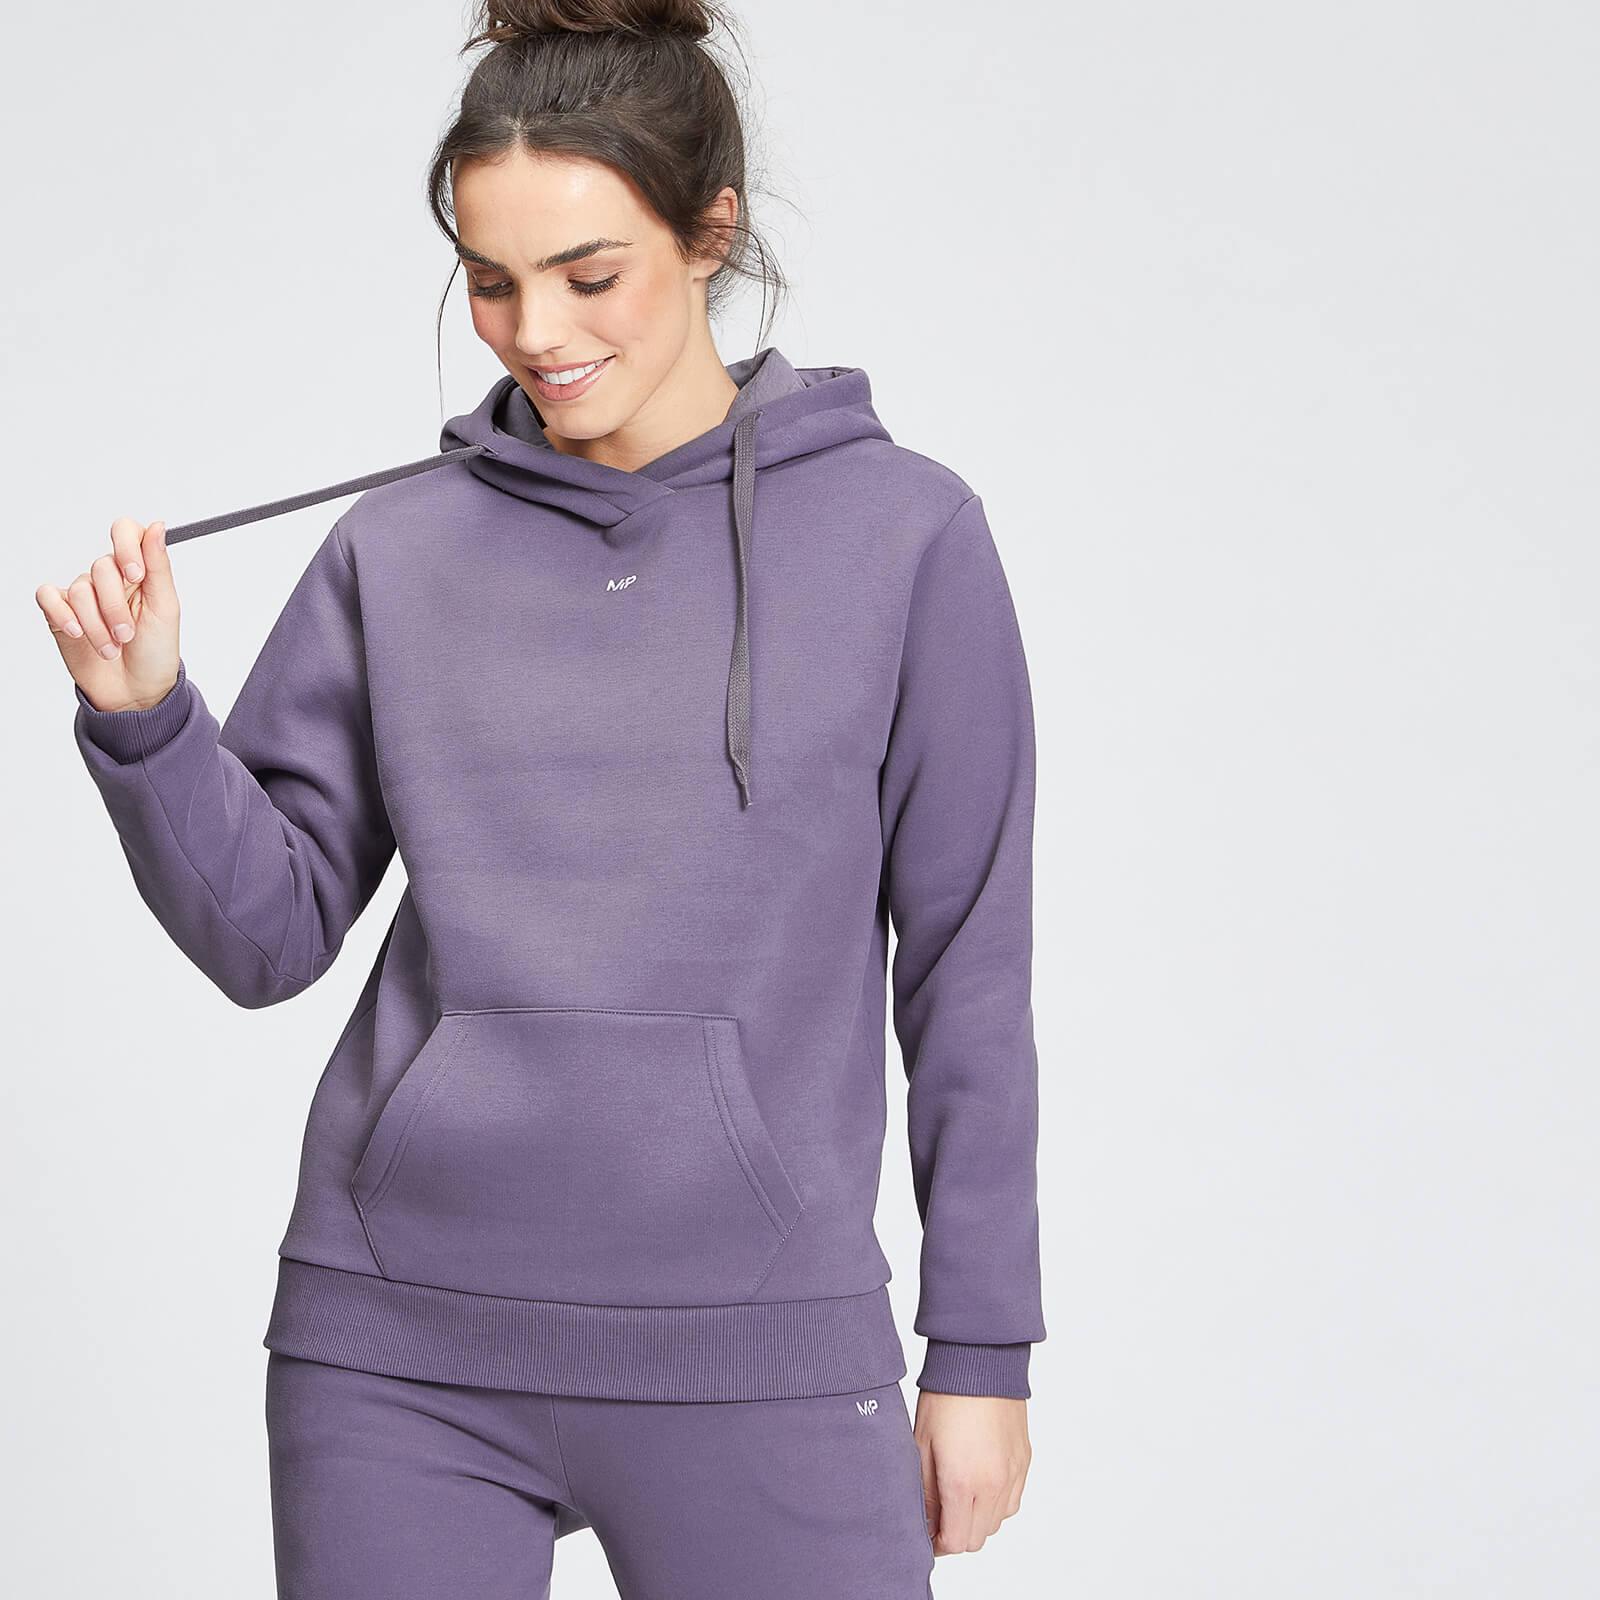 Купить MP Women's Essentials Hoodie - Smokey Purple - XXL, Myprotein International